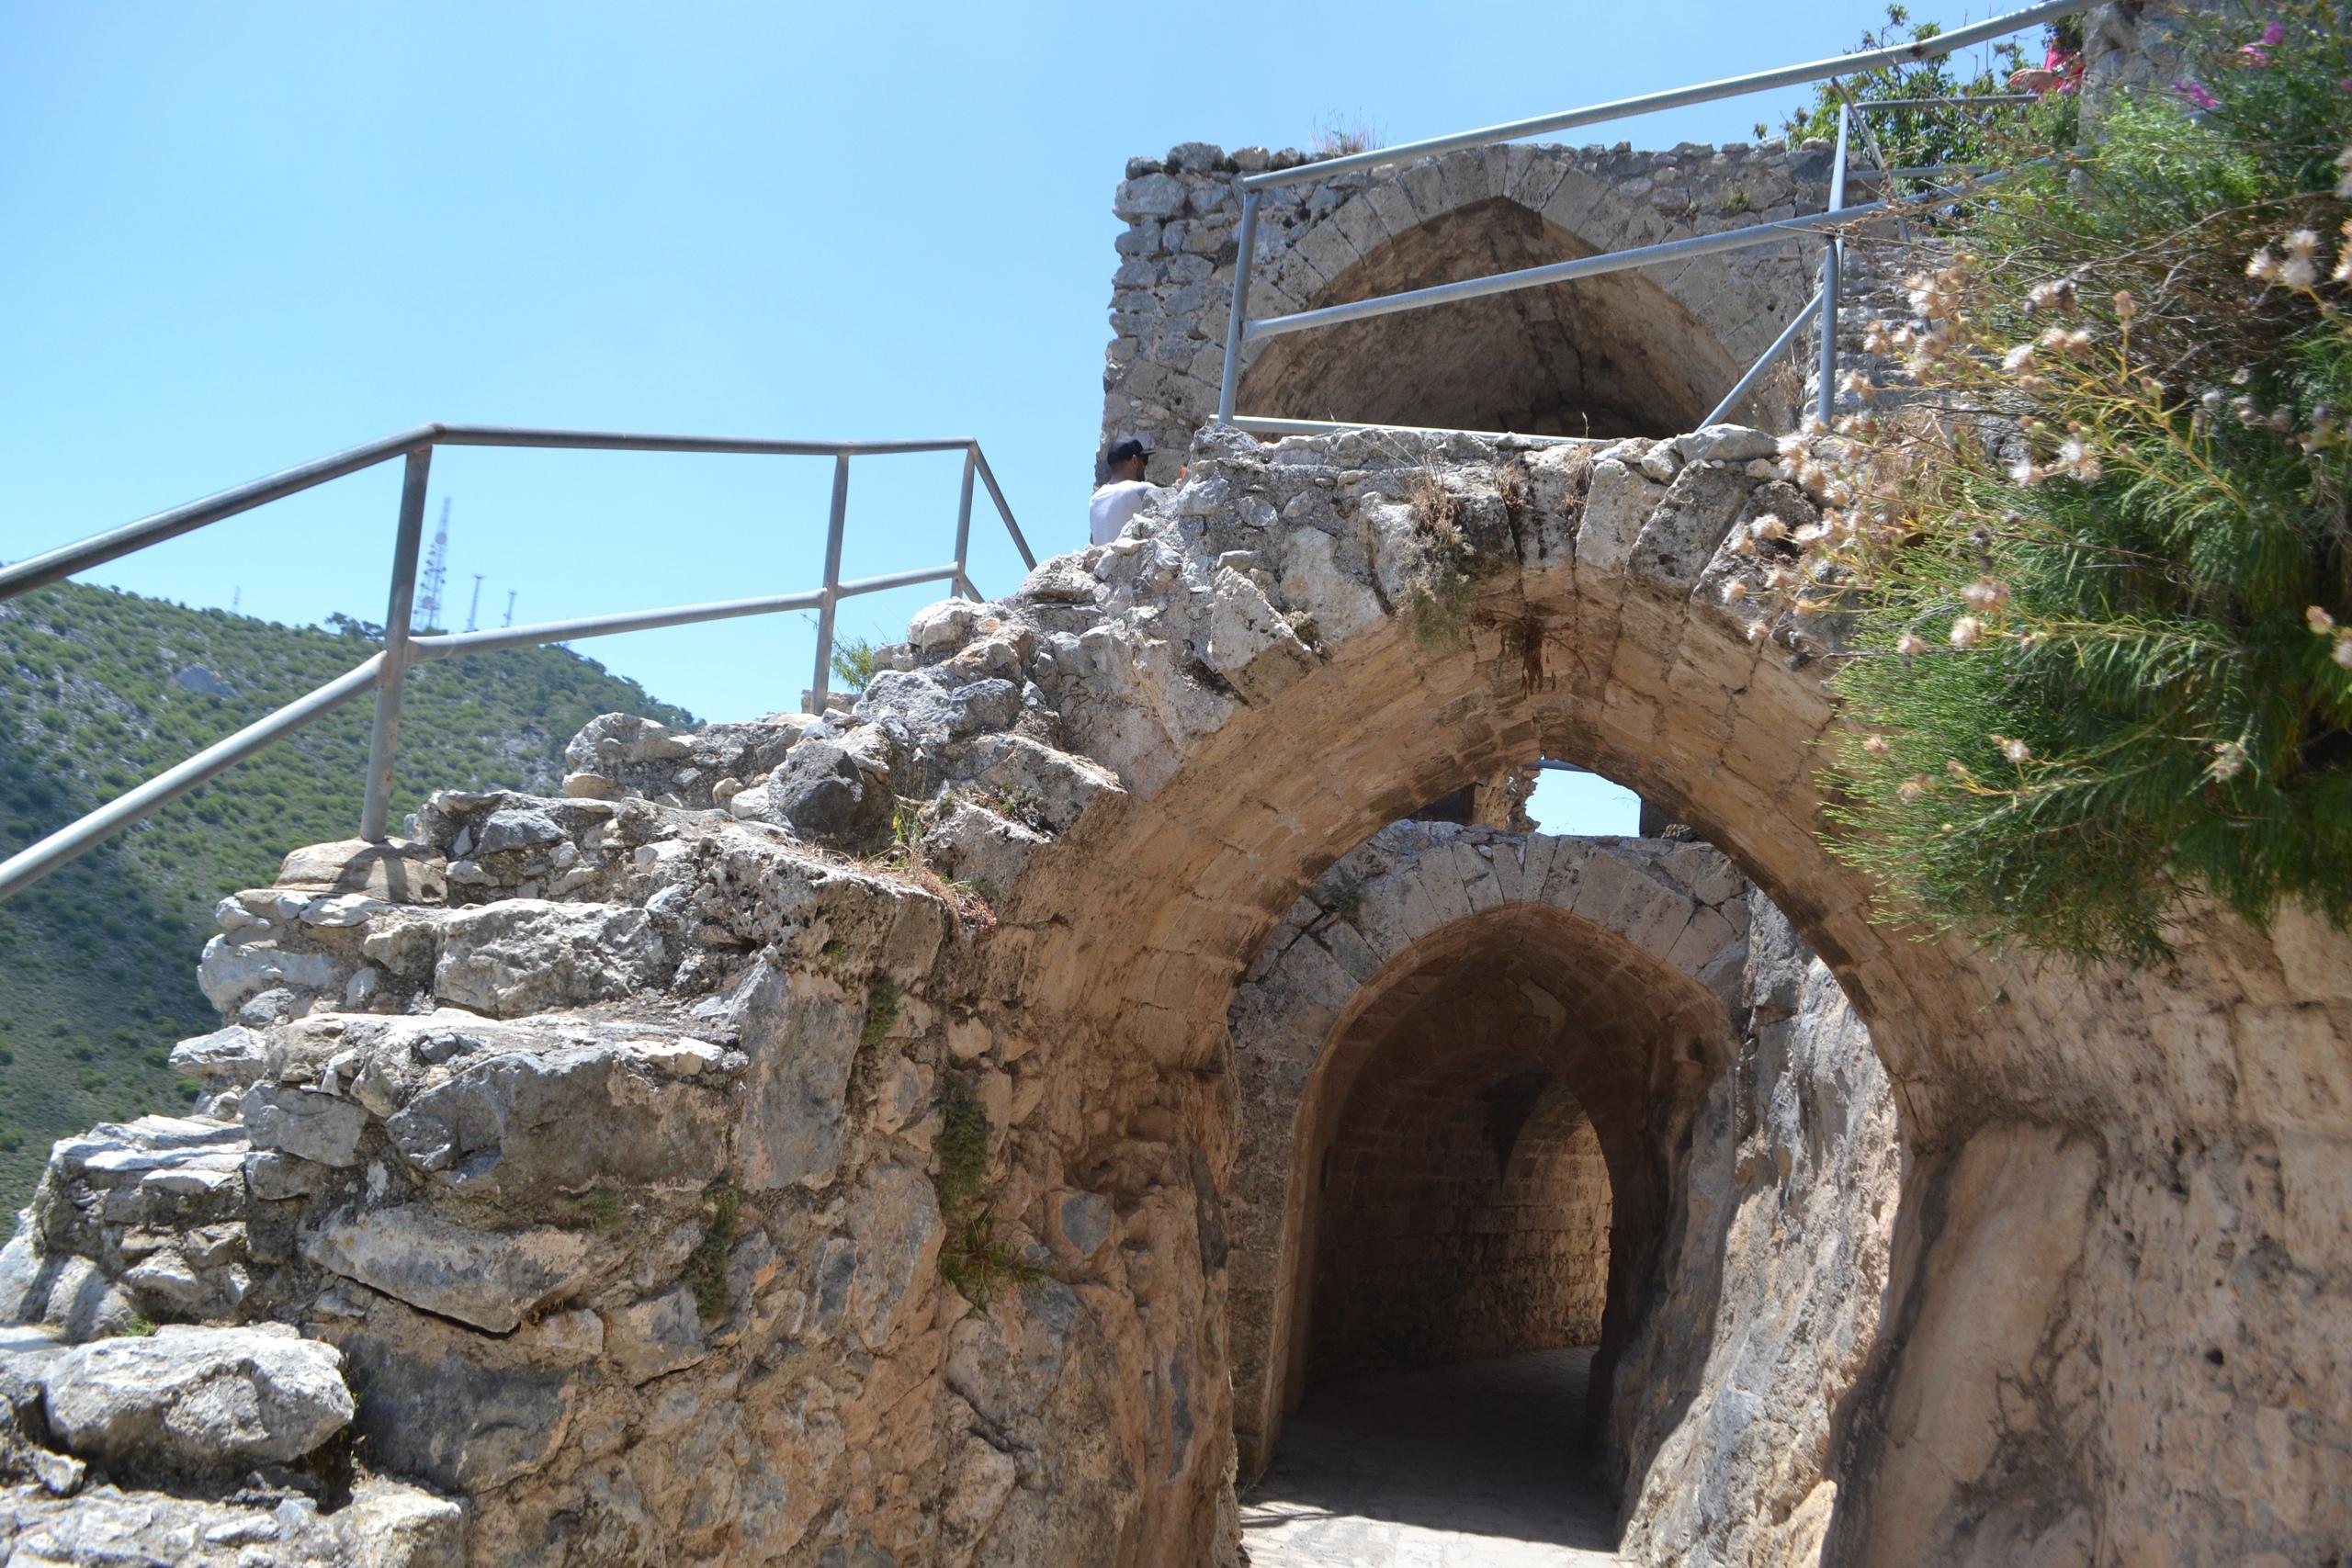 Северный Кипр. Замок Святого Иллариона. (фото). AowIExUB25g